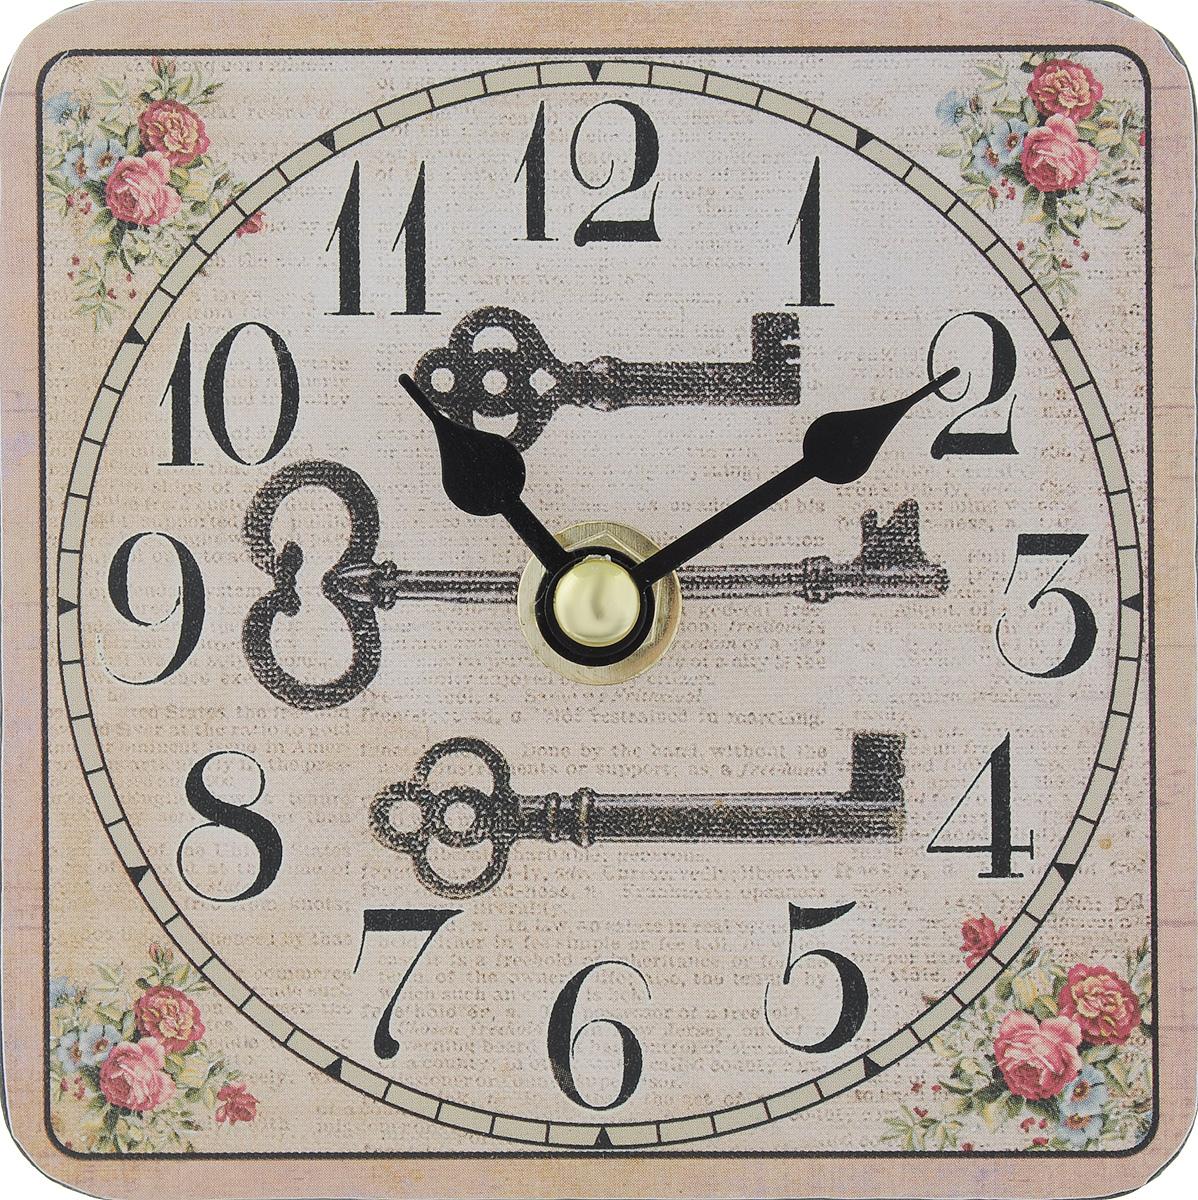 Часы настольные Феникс-Презент Волшебный ключик, 10 х 10 см54 009303Настольные часы квадратной формы Феникс-Презент Волшебный ключик своим эксклюзивным дизайном подчеркнут оригинальность интерьера вашего дома. Циферблат оформлен изображением цветов и тремя ключами. Часы выполнены из МДФ. МДФ (мелкодисперсные фракции) представляет собой плиту из запрессованной вакуумным способом деревянной пыли и является наиболее экологически чистым материалом среди себе подобных. Изделие имеет две стрелки - часовую и минутную.Настольные часы Феникс-Презент Волшебный ключик подходят для кухни, гостиной, прихожей или дачи, а также могут стать отличным подарком для друзей и близких.ВНИМАНИЕ!!! Часы работают от сменной батареи типа АА 1,5V (в комплект не входит).